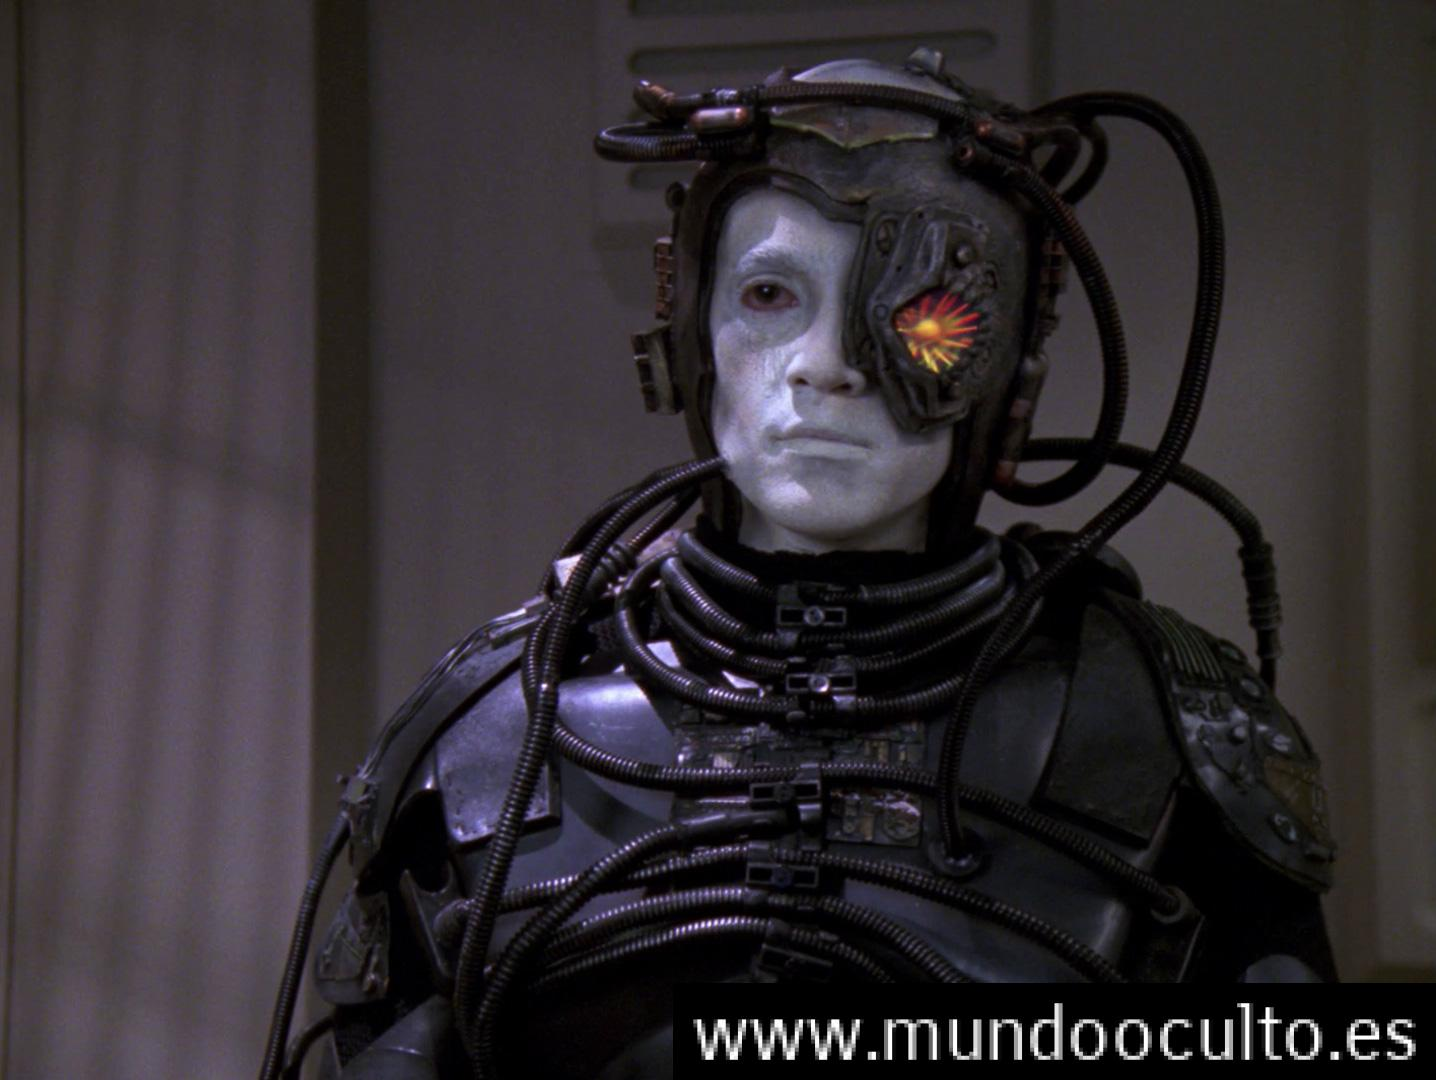 Los extraterrestres inteligentes son probablamente máquinas